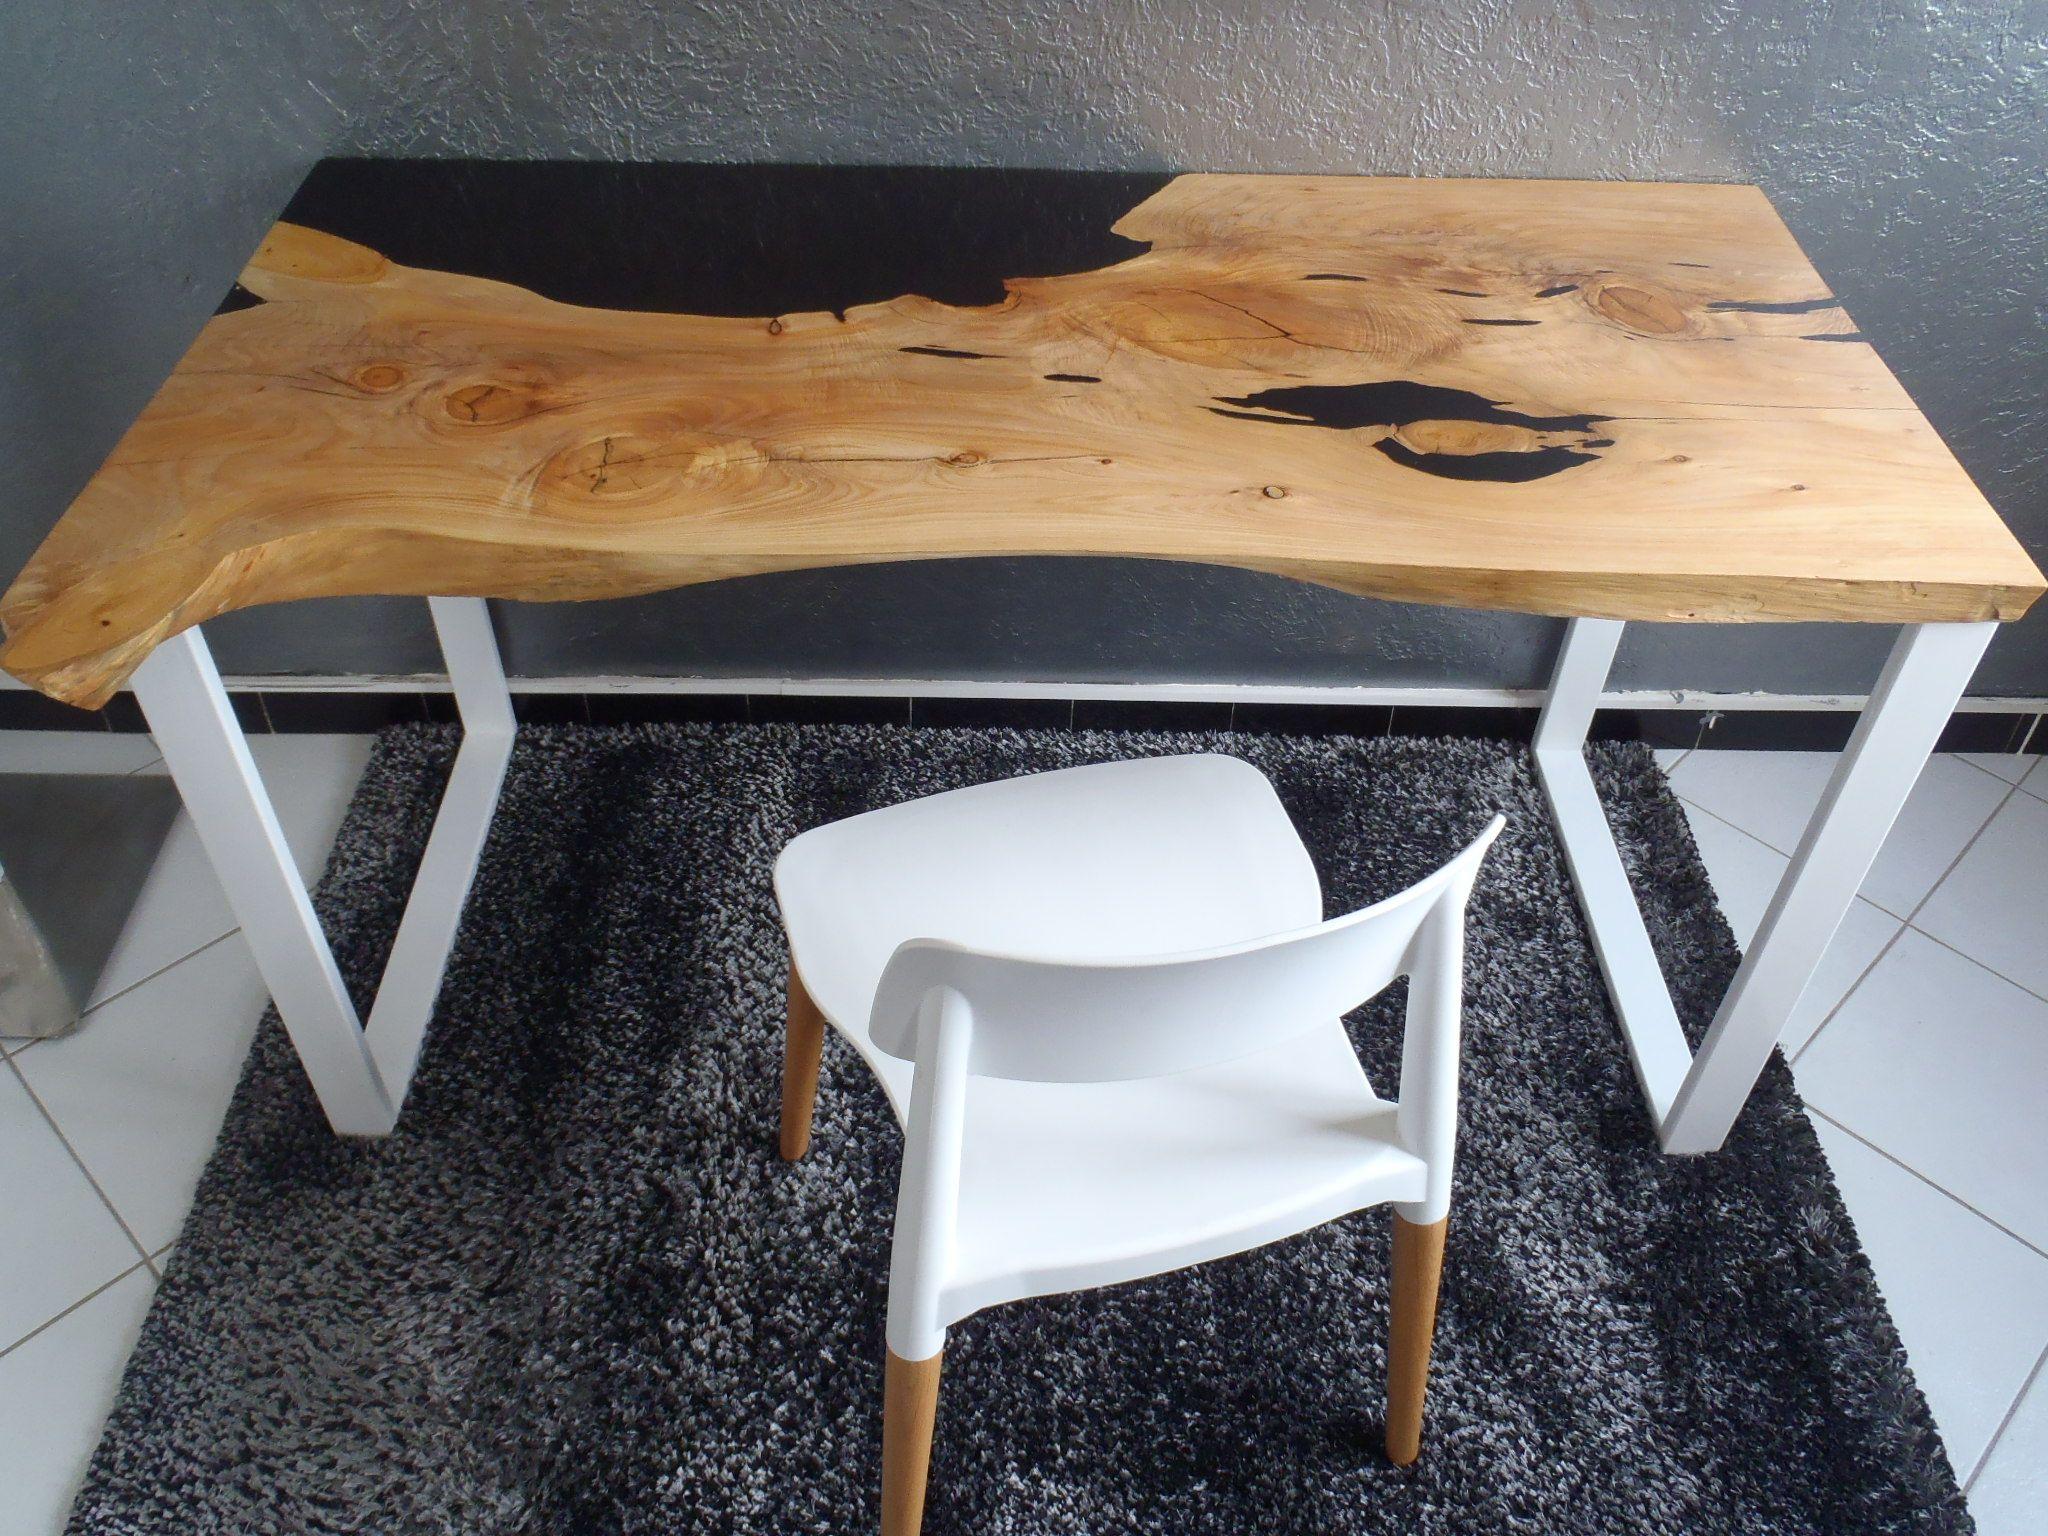 Bureau bois et résine wooden and resin desk table bois et résine